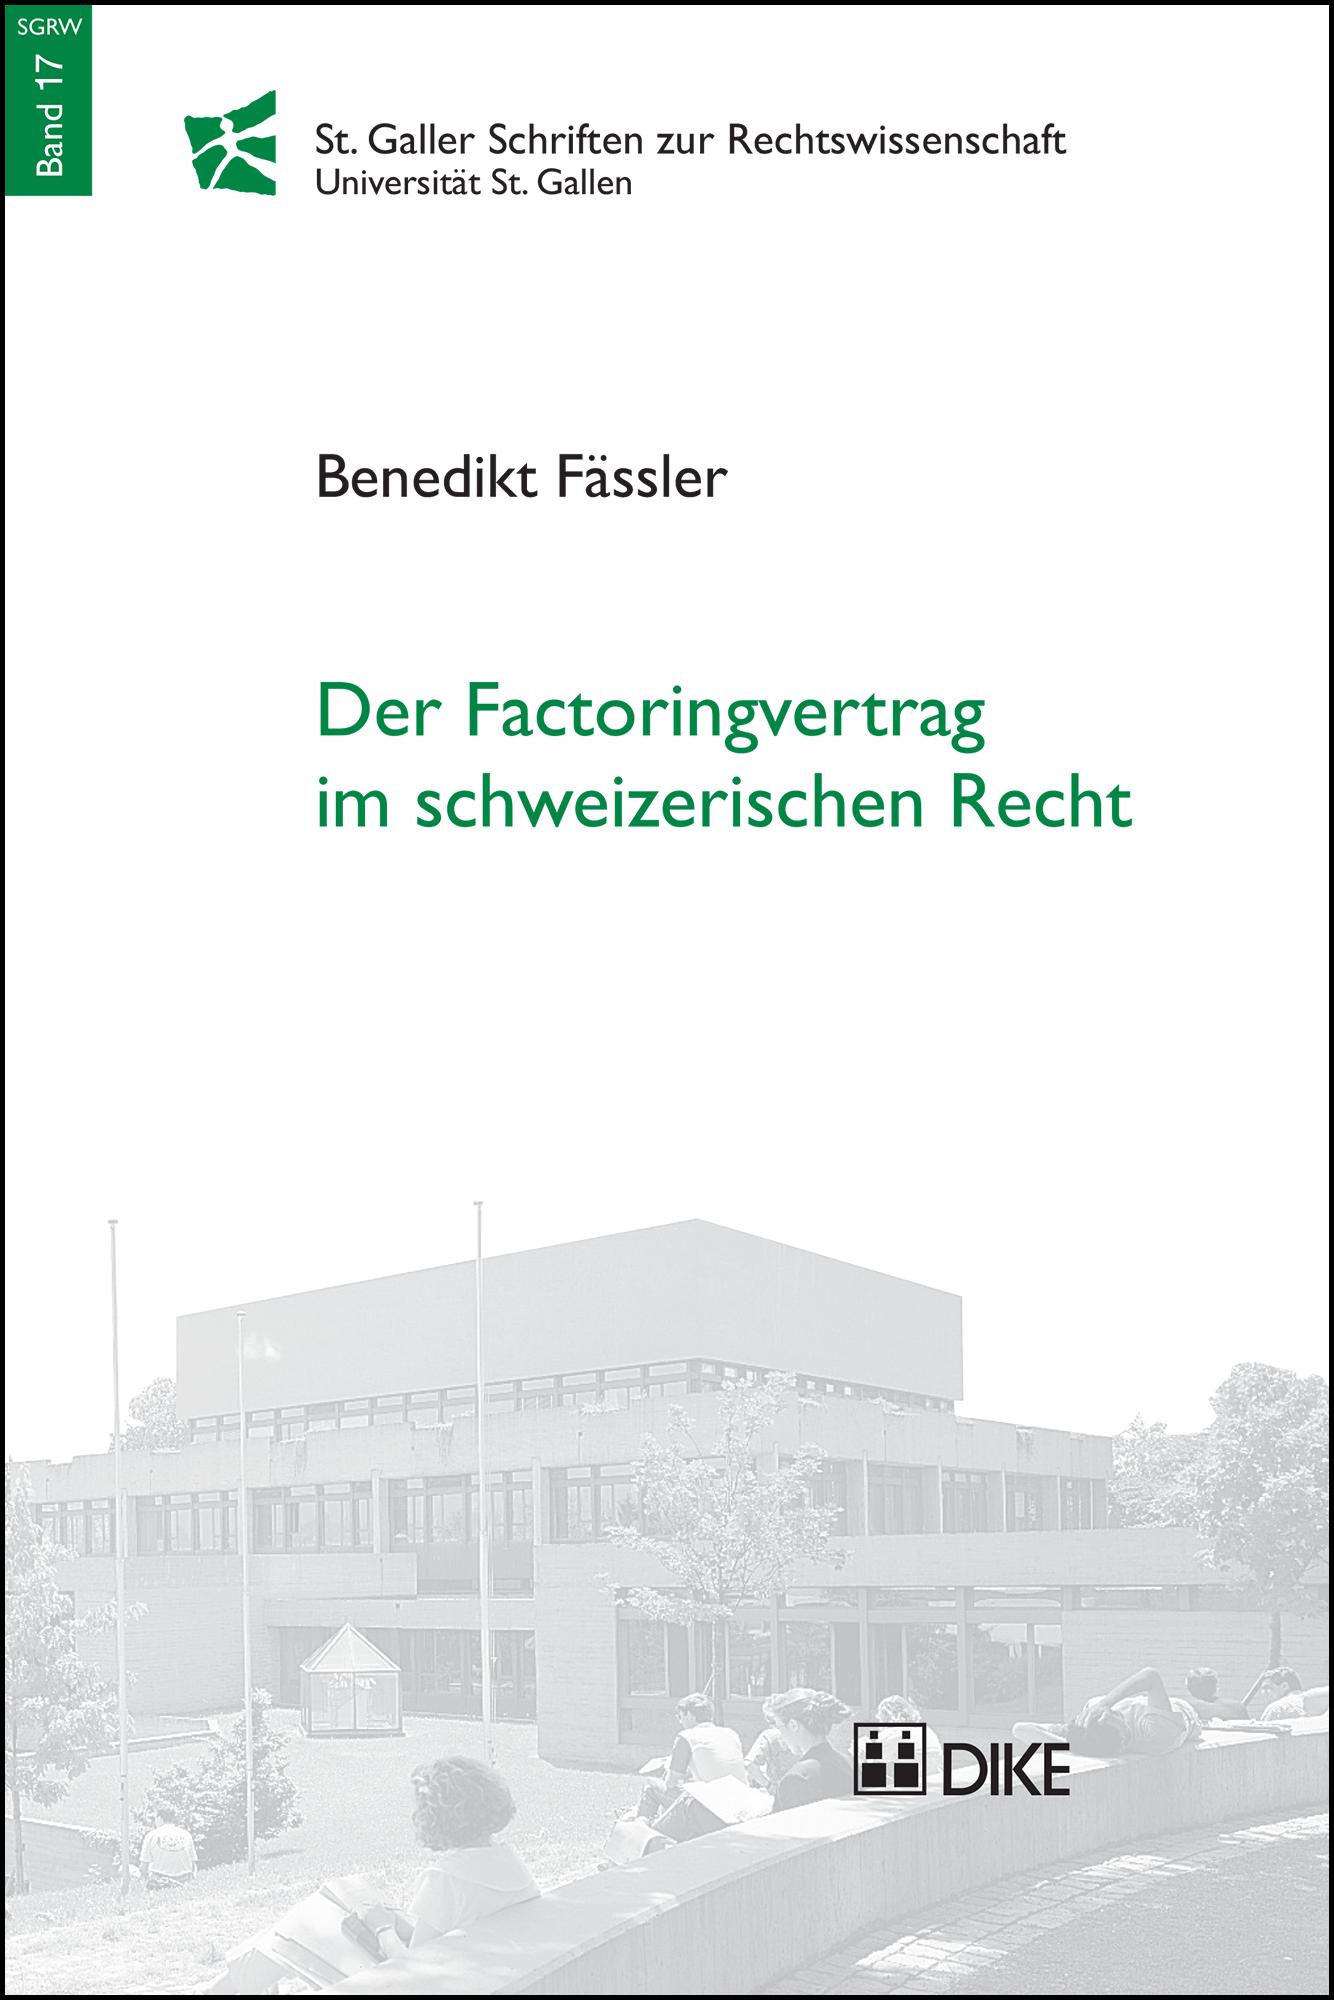 Der Factoringvertrag im schweizerischen Recht